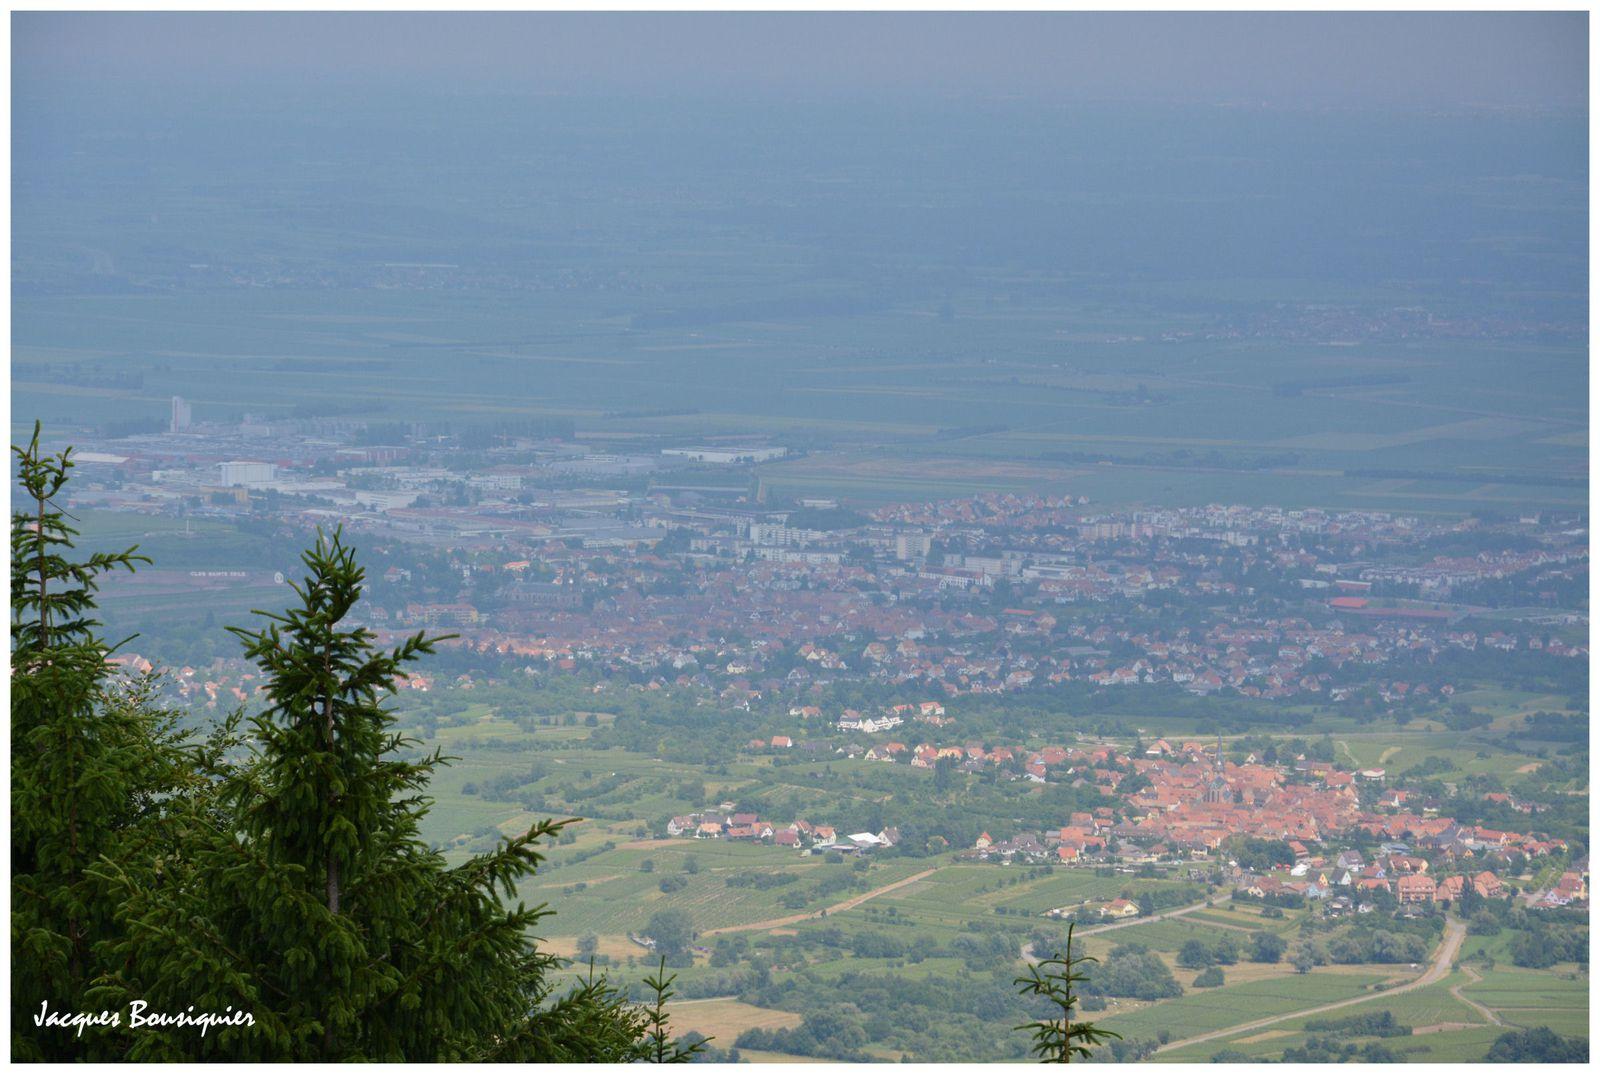 Points de vue sur la plaine d'Alsace au niveau d'Obernai